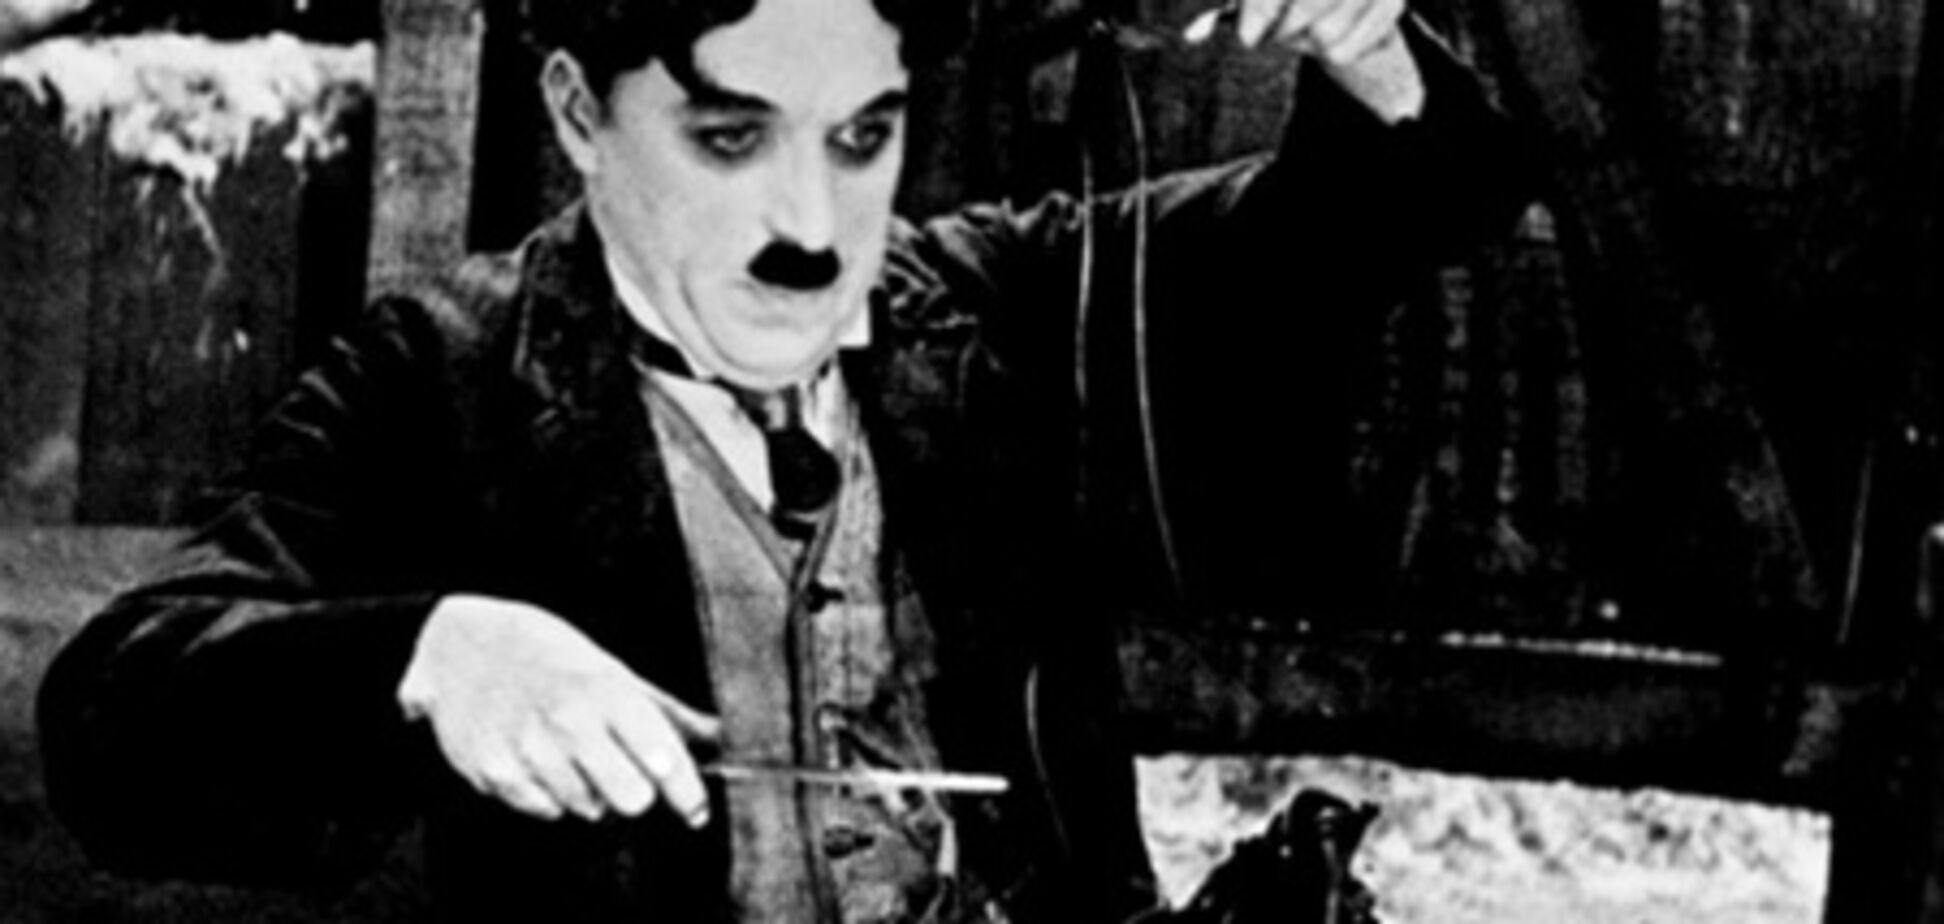 Спецслужбы рассекретили досье на Чаплина